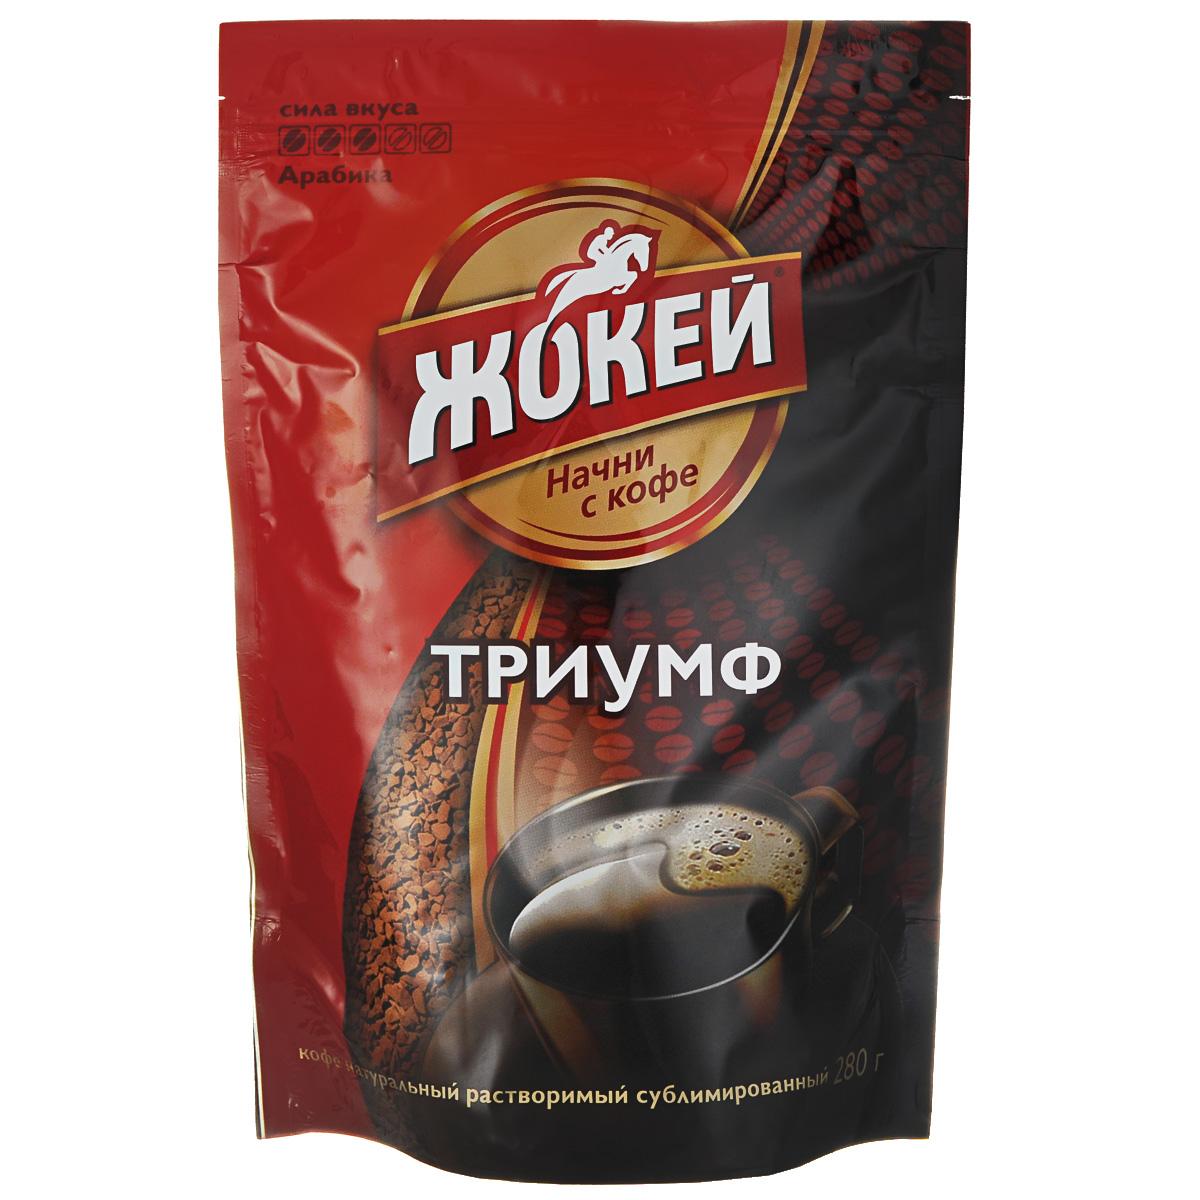 Жокей Триумф кофе растворимый, 280 г (м/у)0120710Растворимый кофе Жокей Триумф обладает мягким, нежным вкусом с тонким, благородным ароматом.